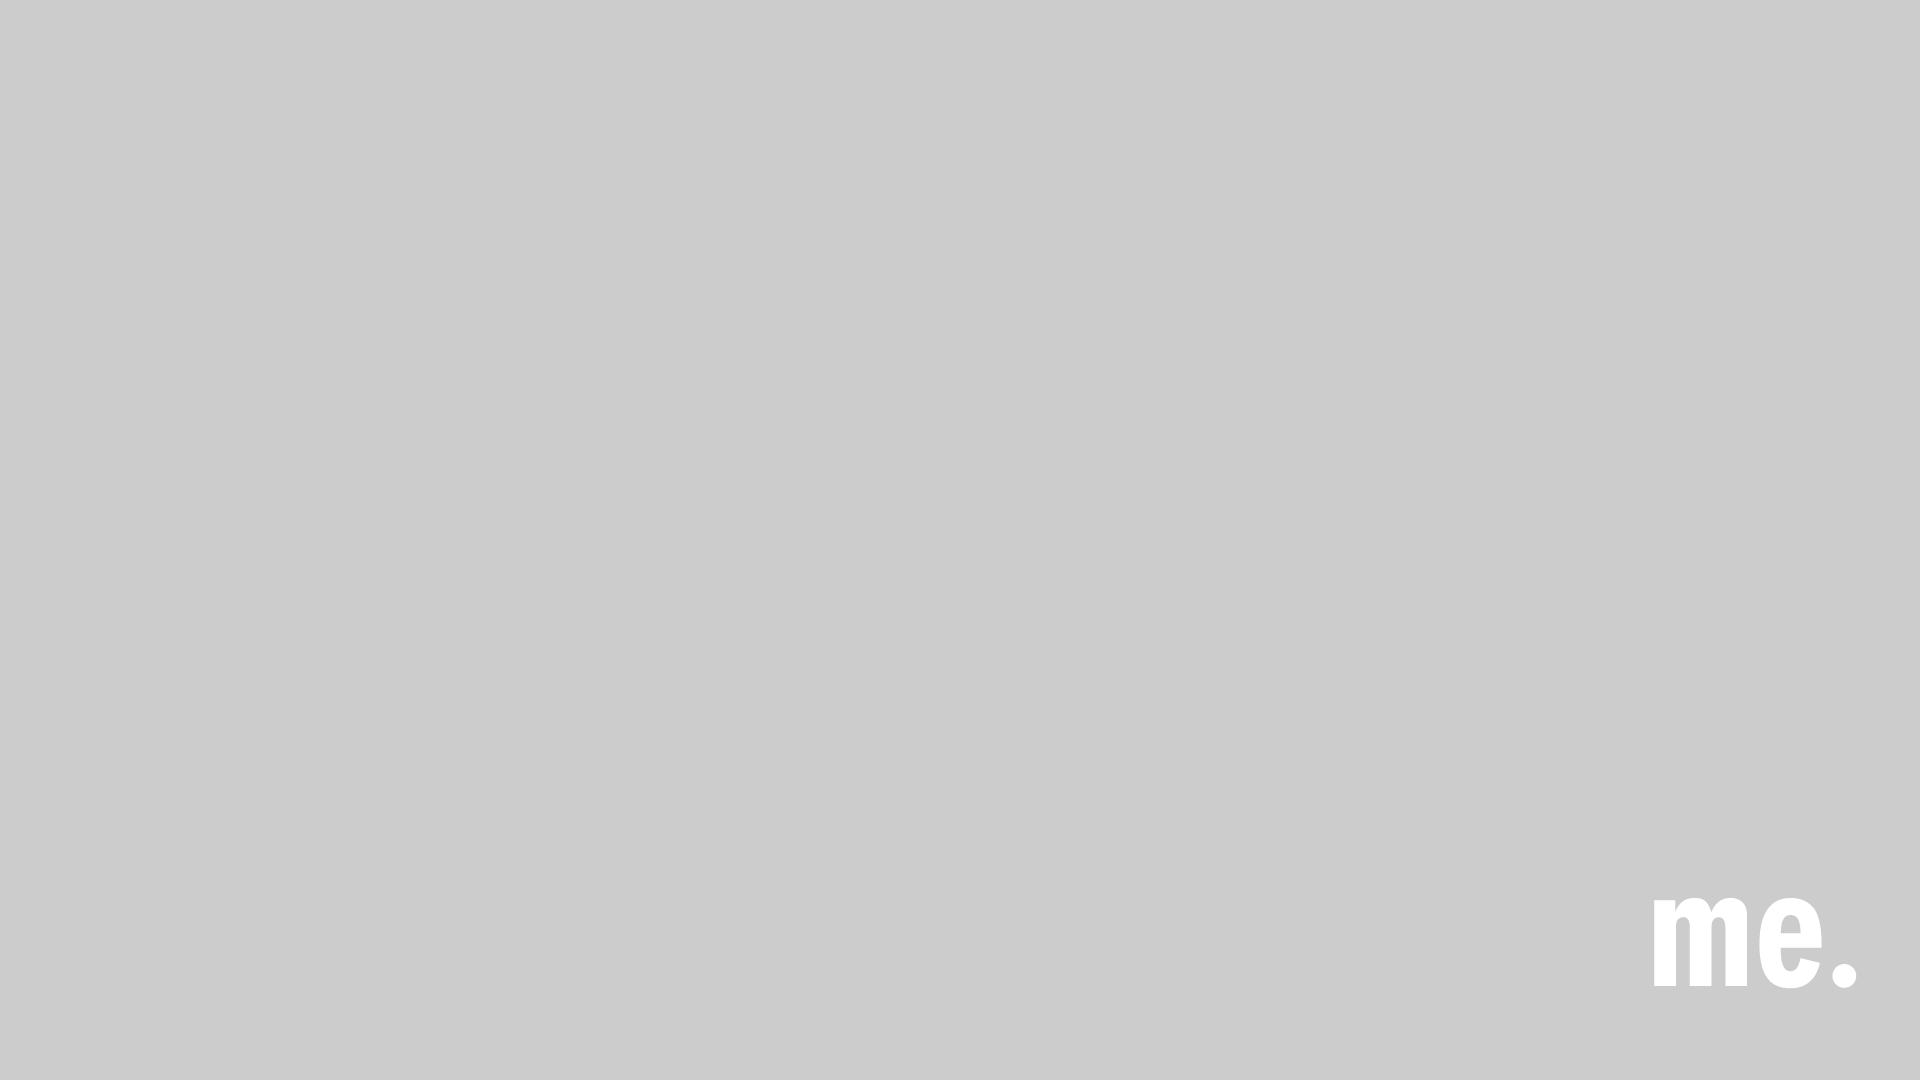 8. Les Paul: weniger als 5 Millionen US-Dollar. Gestorben 2009 (94 Jahre). Todesursache: Lungenentzündung